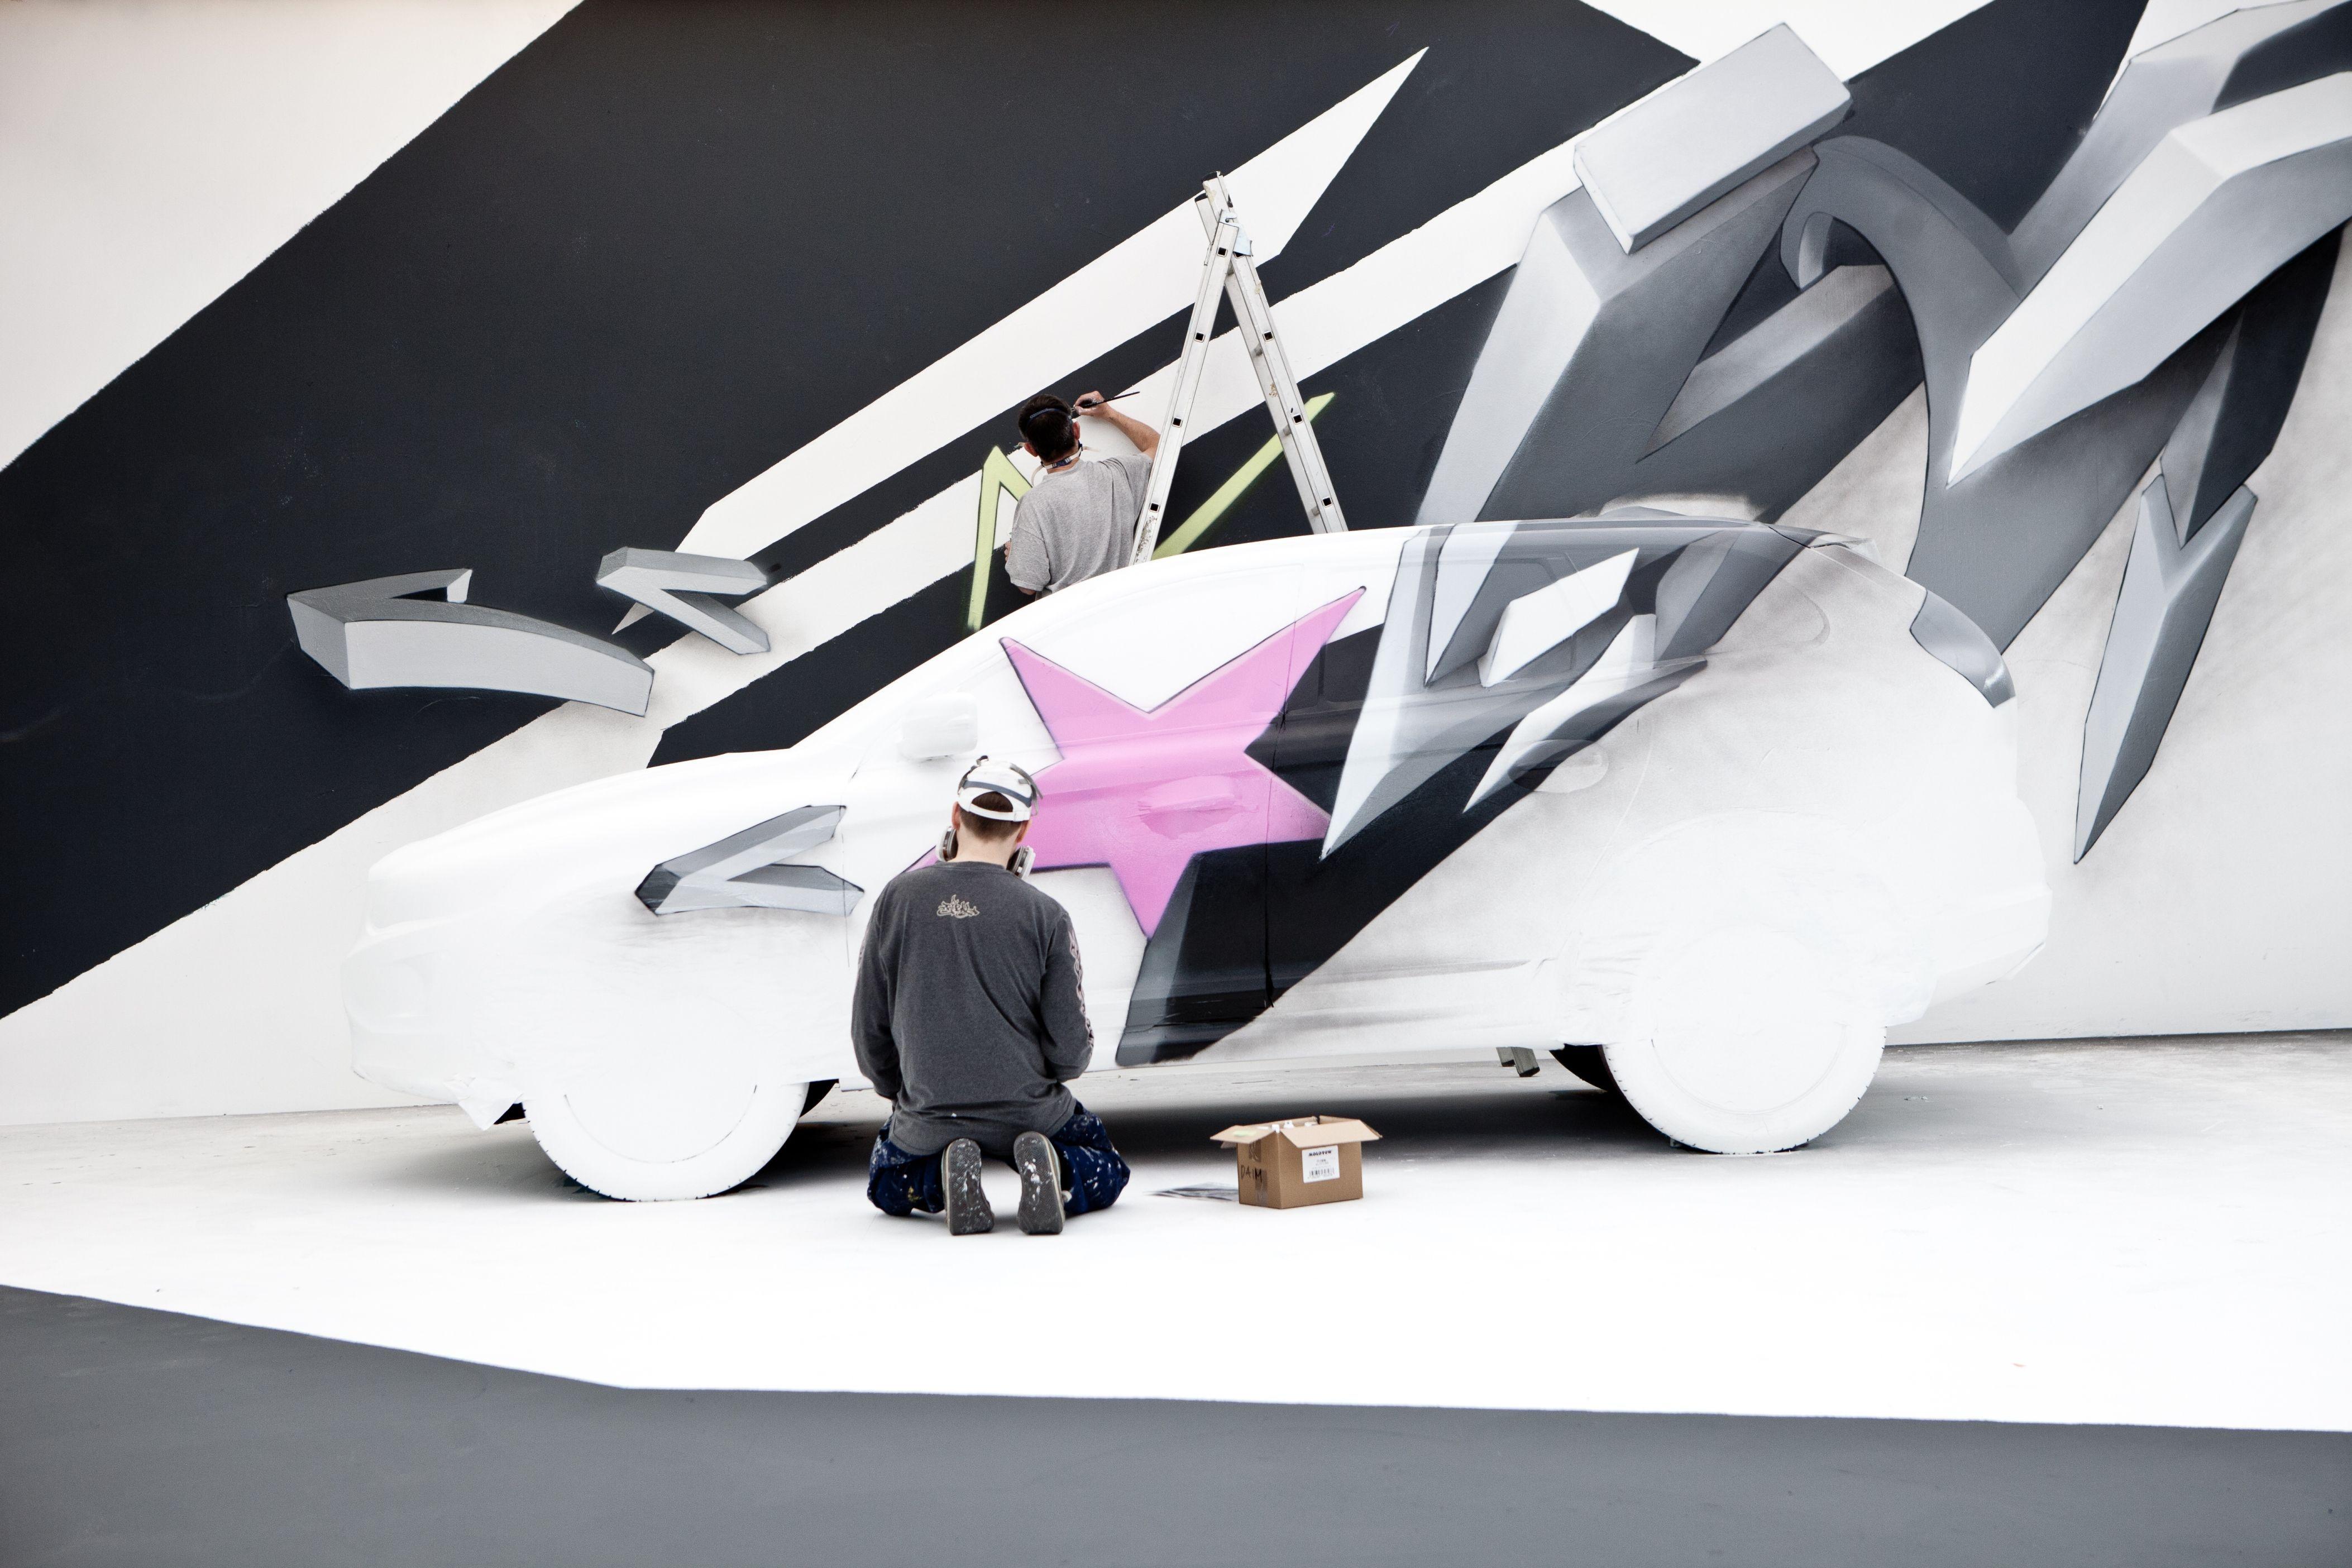 Volvo Art Session 2013. För tredje året i rad anordnades Volvo Art Session vid centralstationen i Zürich. Uppdraget till konstnärerna var att ge en ny #VolvoXC60 nytt utseende. Något de verkligen lyckades med. Eller hur? #VolvoArt